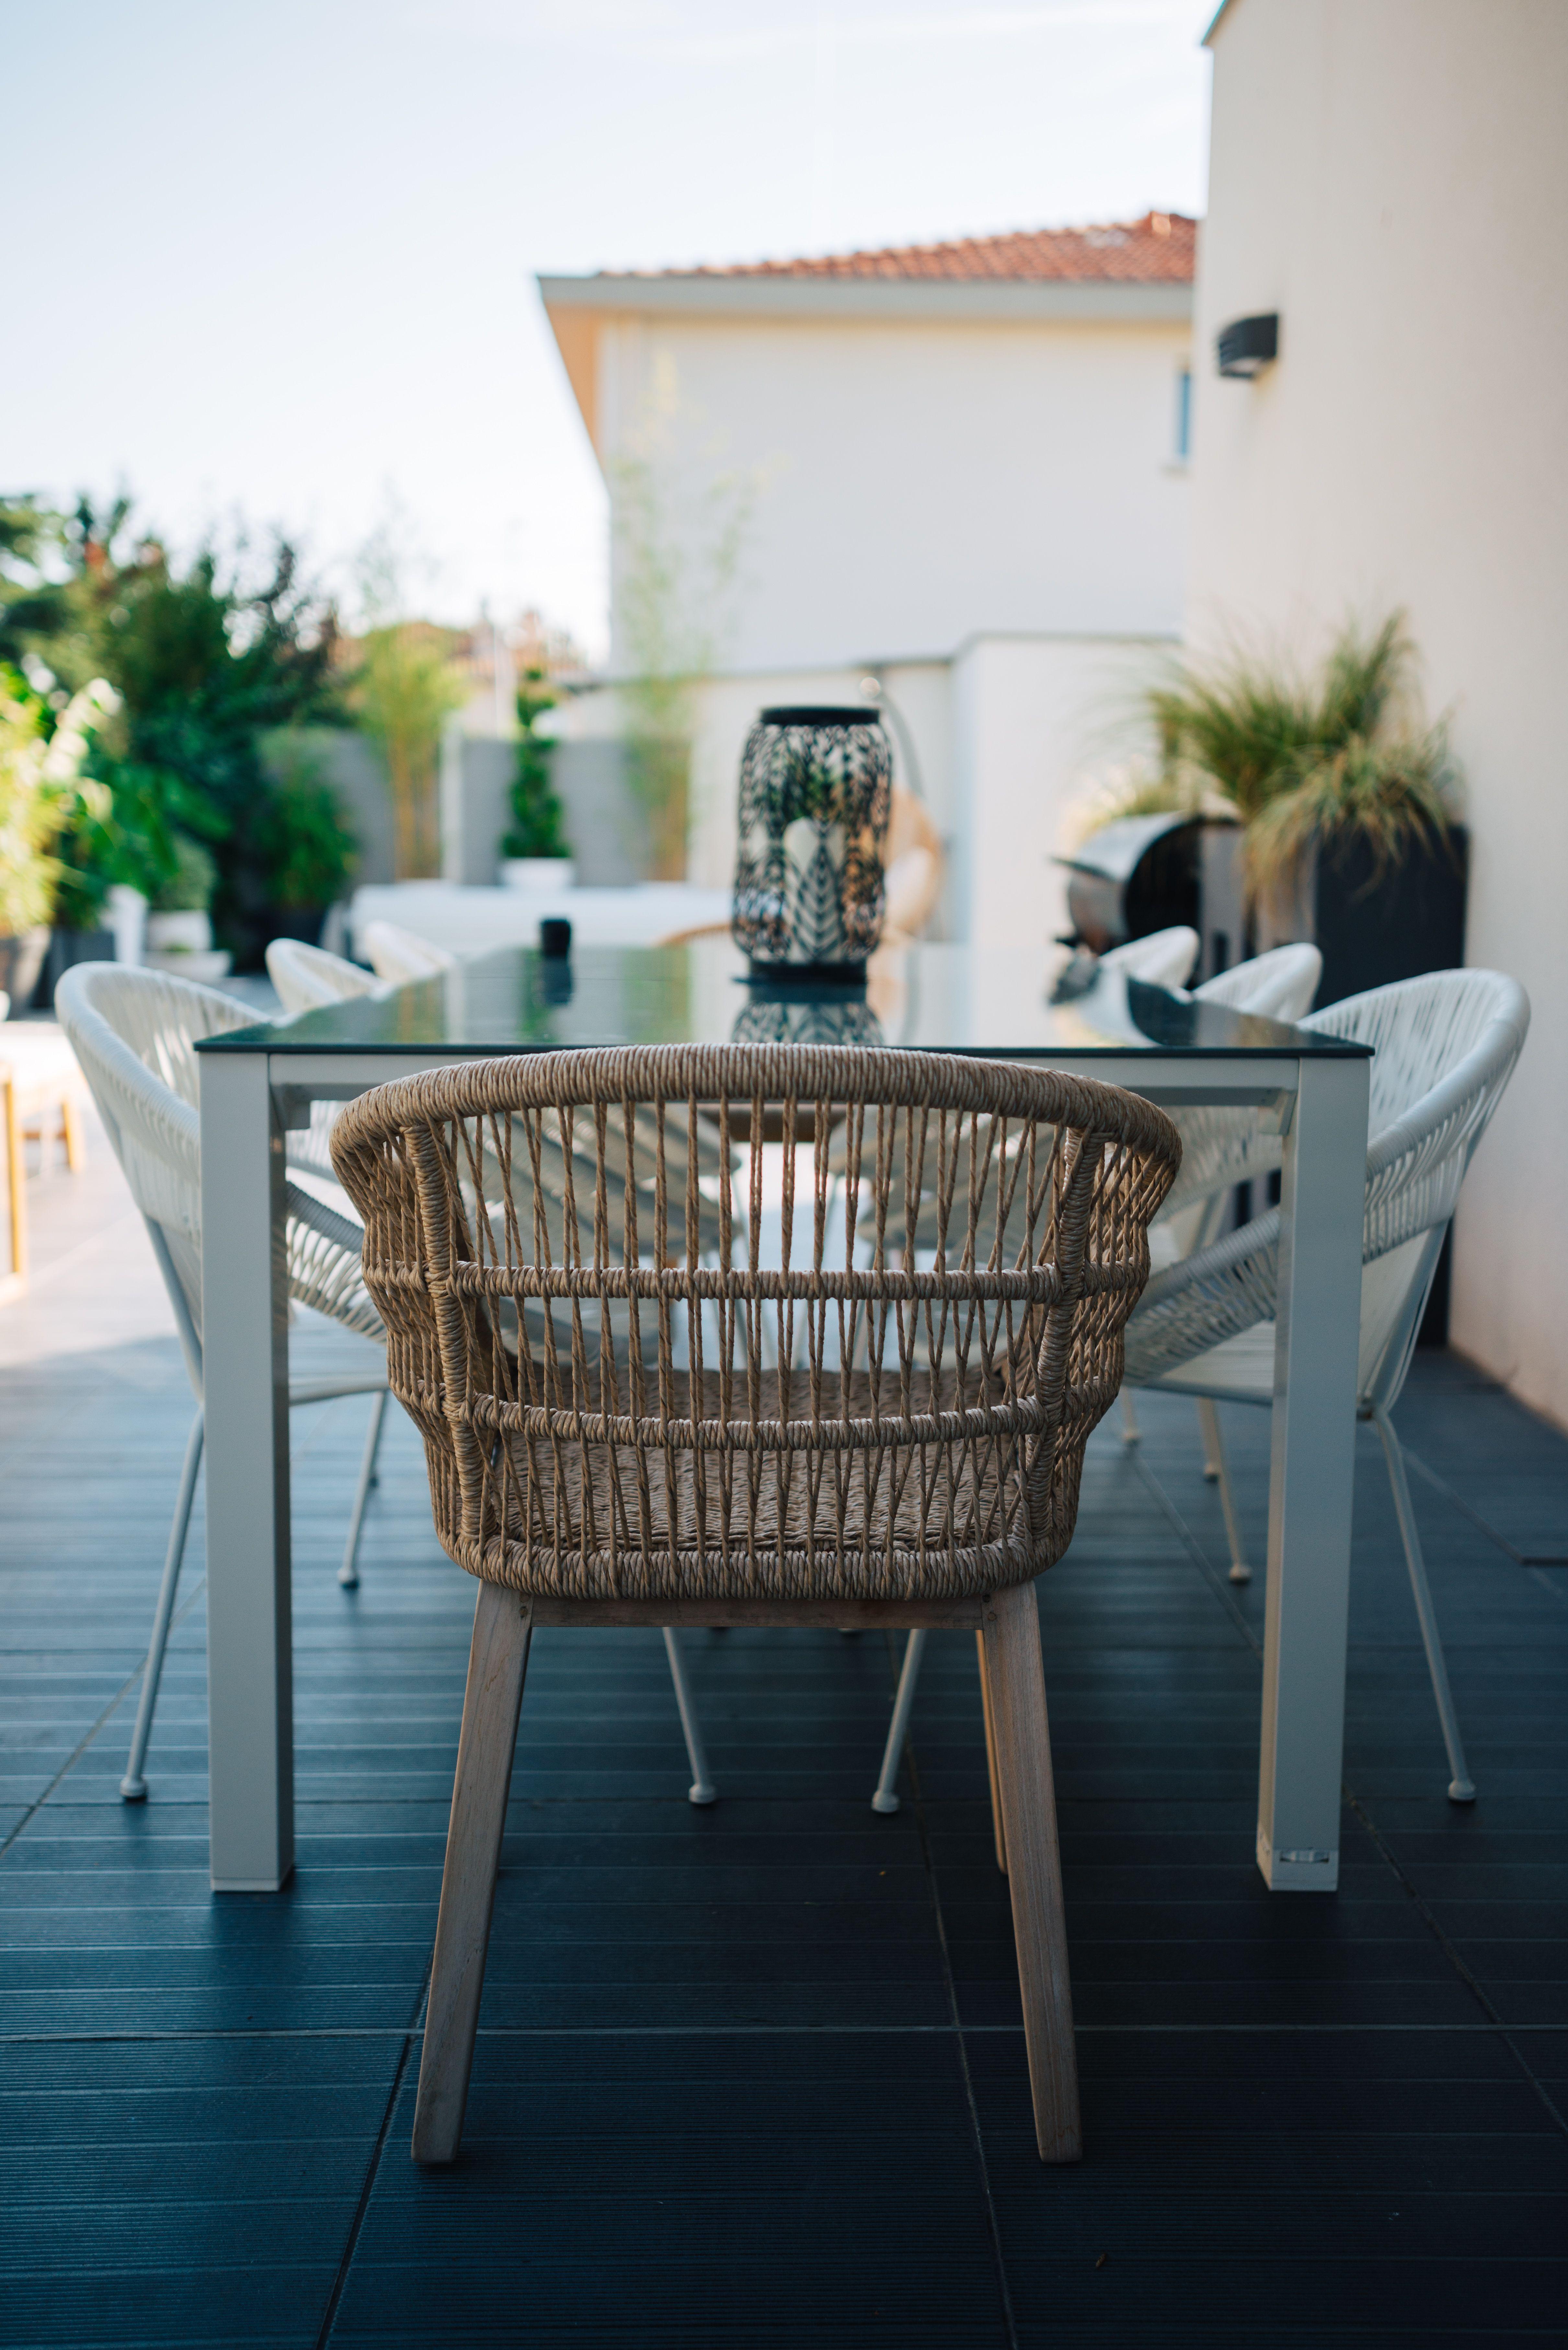 salon de jardin maisons du monde table de jardin blanche ...